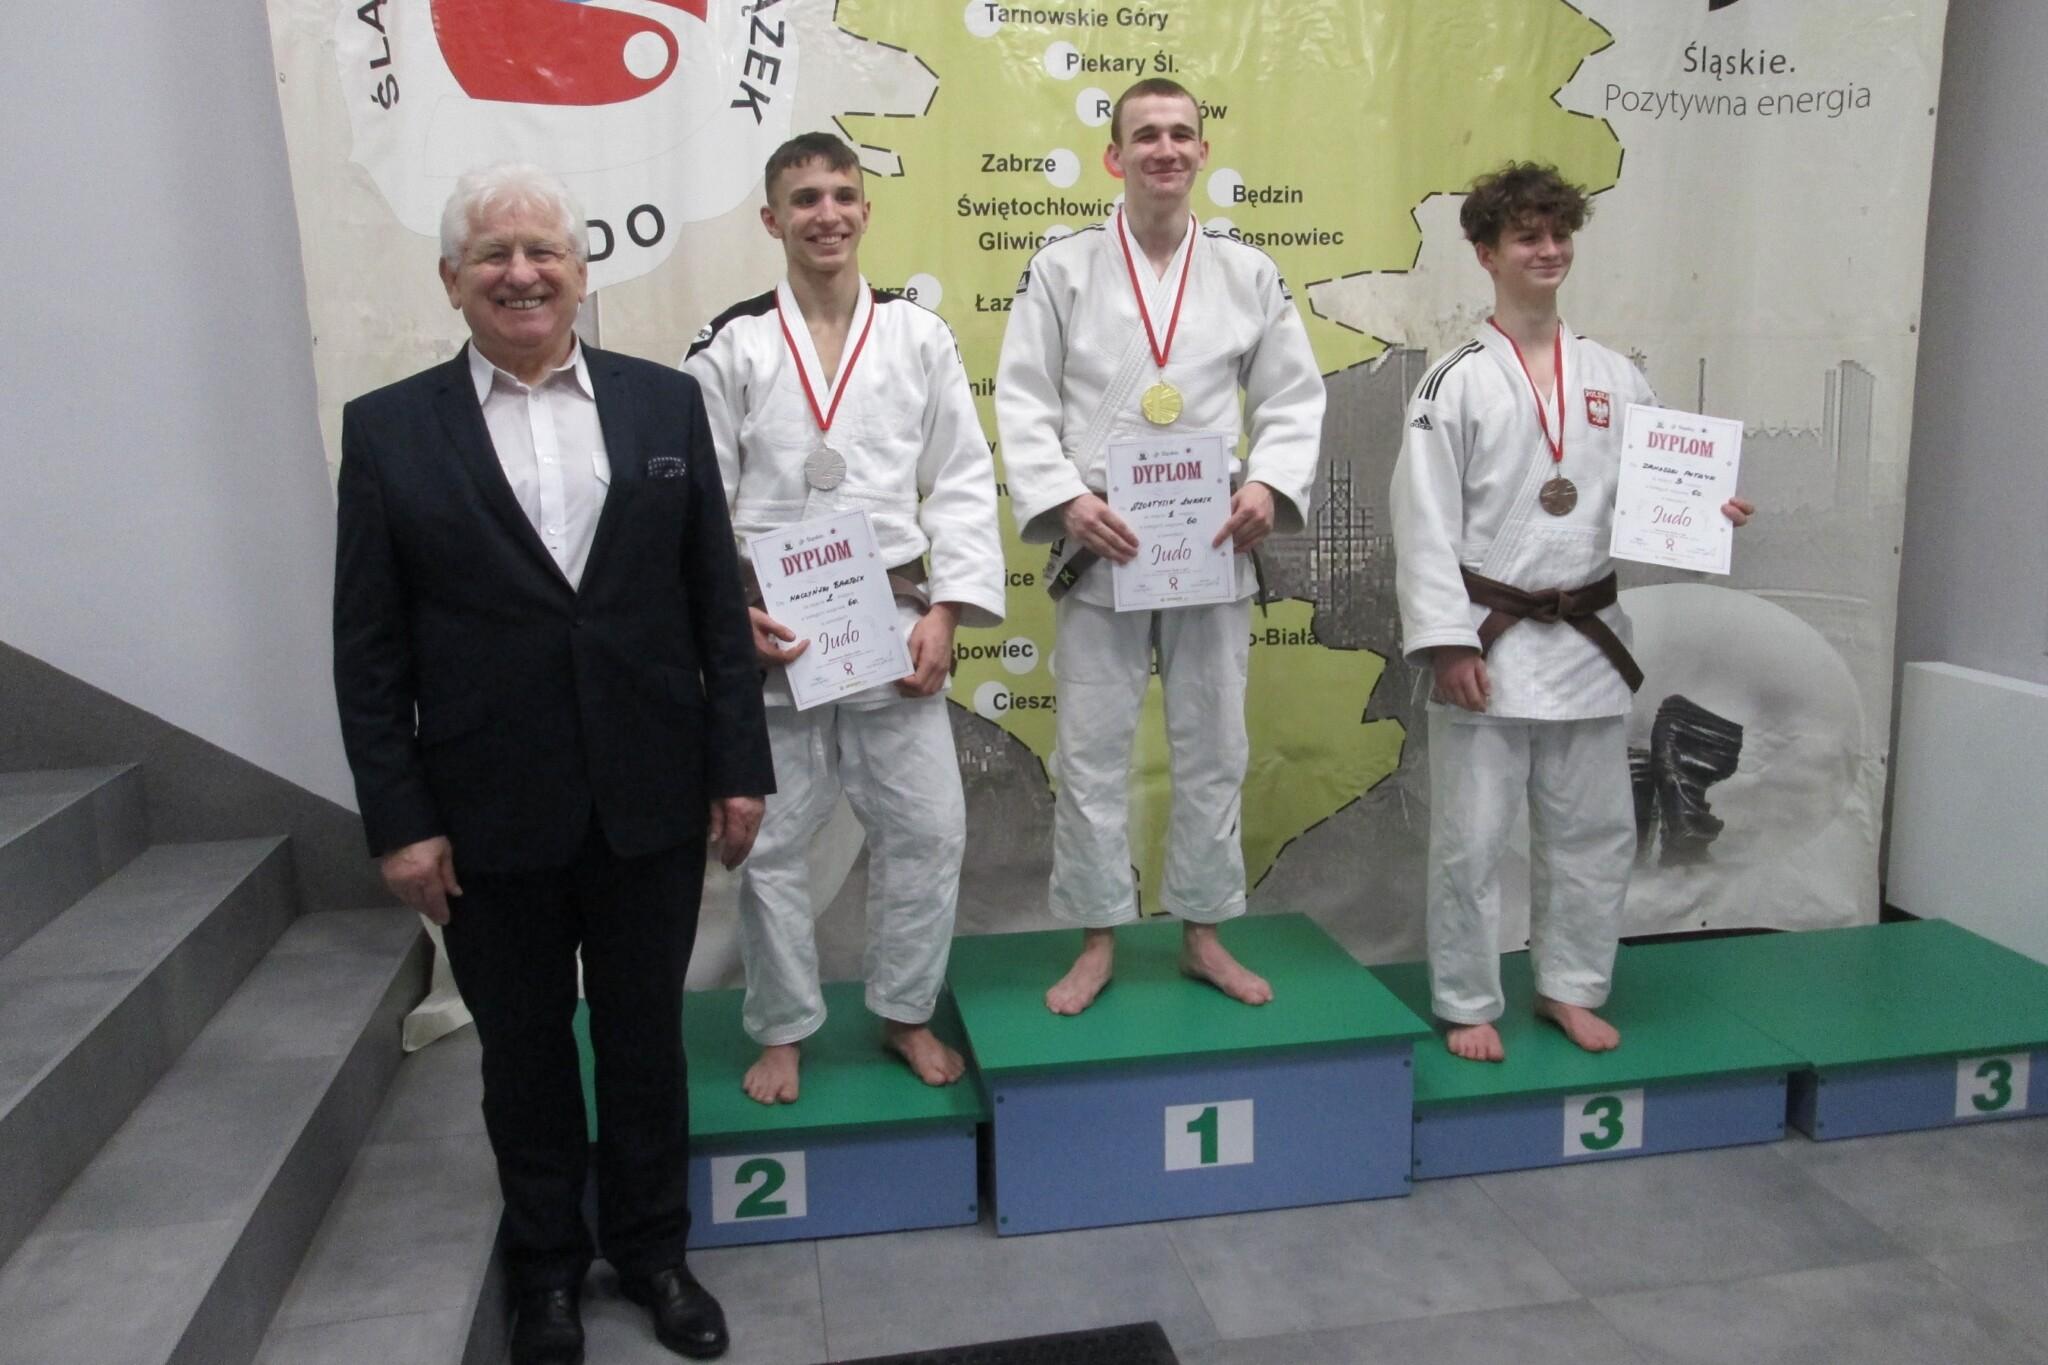 Łukasz Szołtysik na najyższym stopniu podium